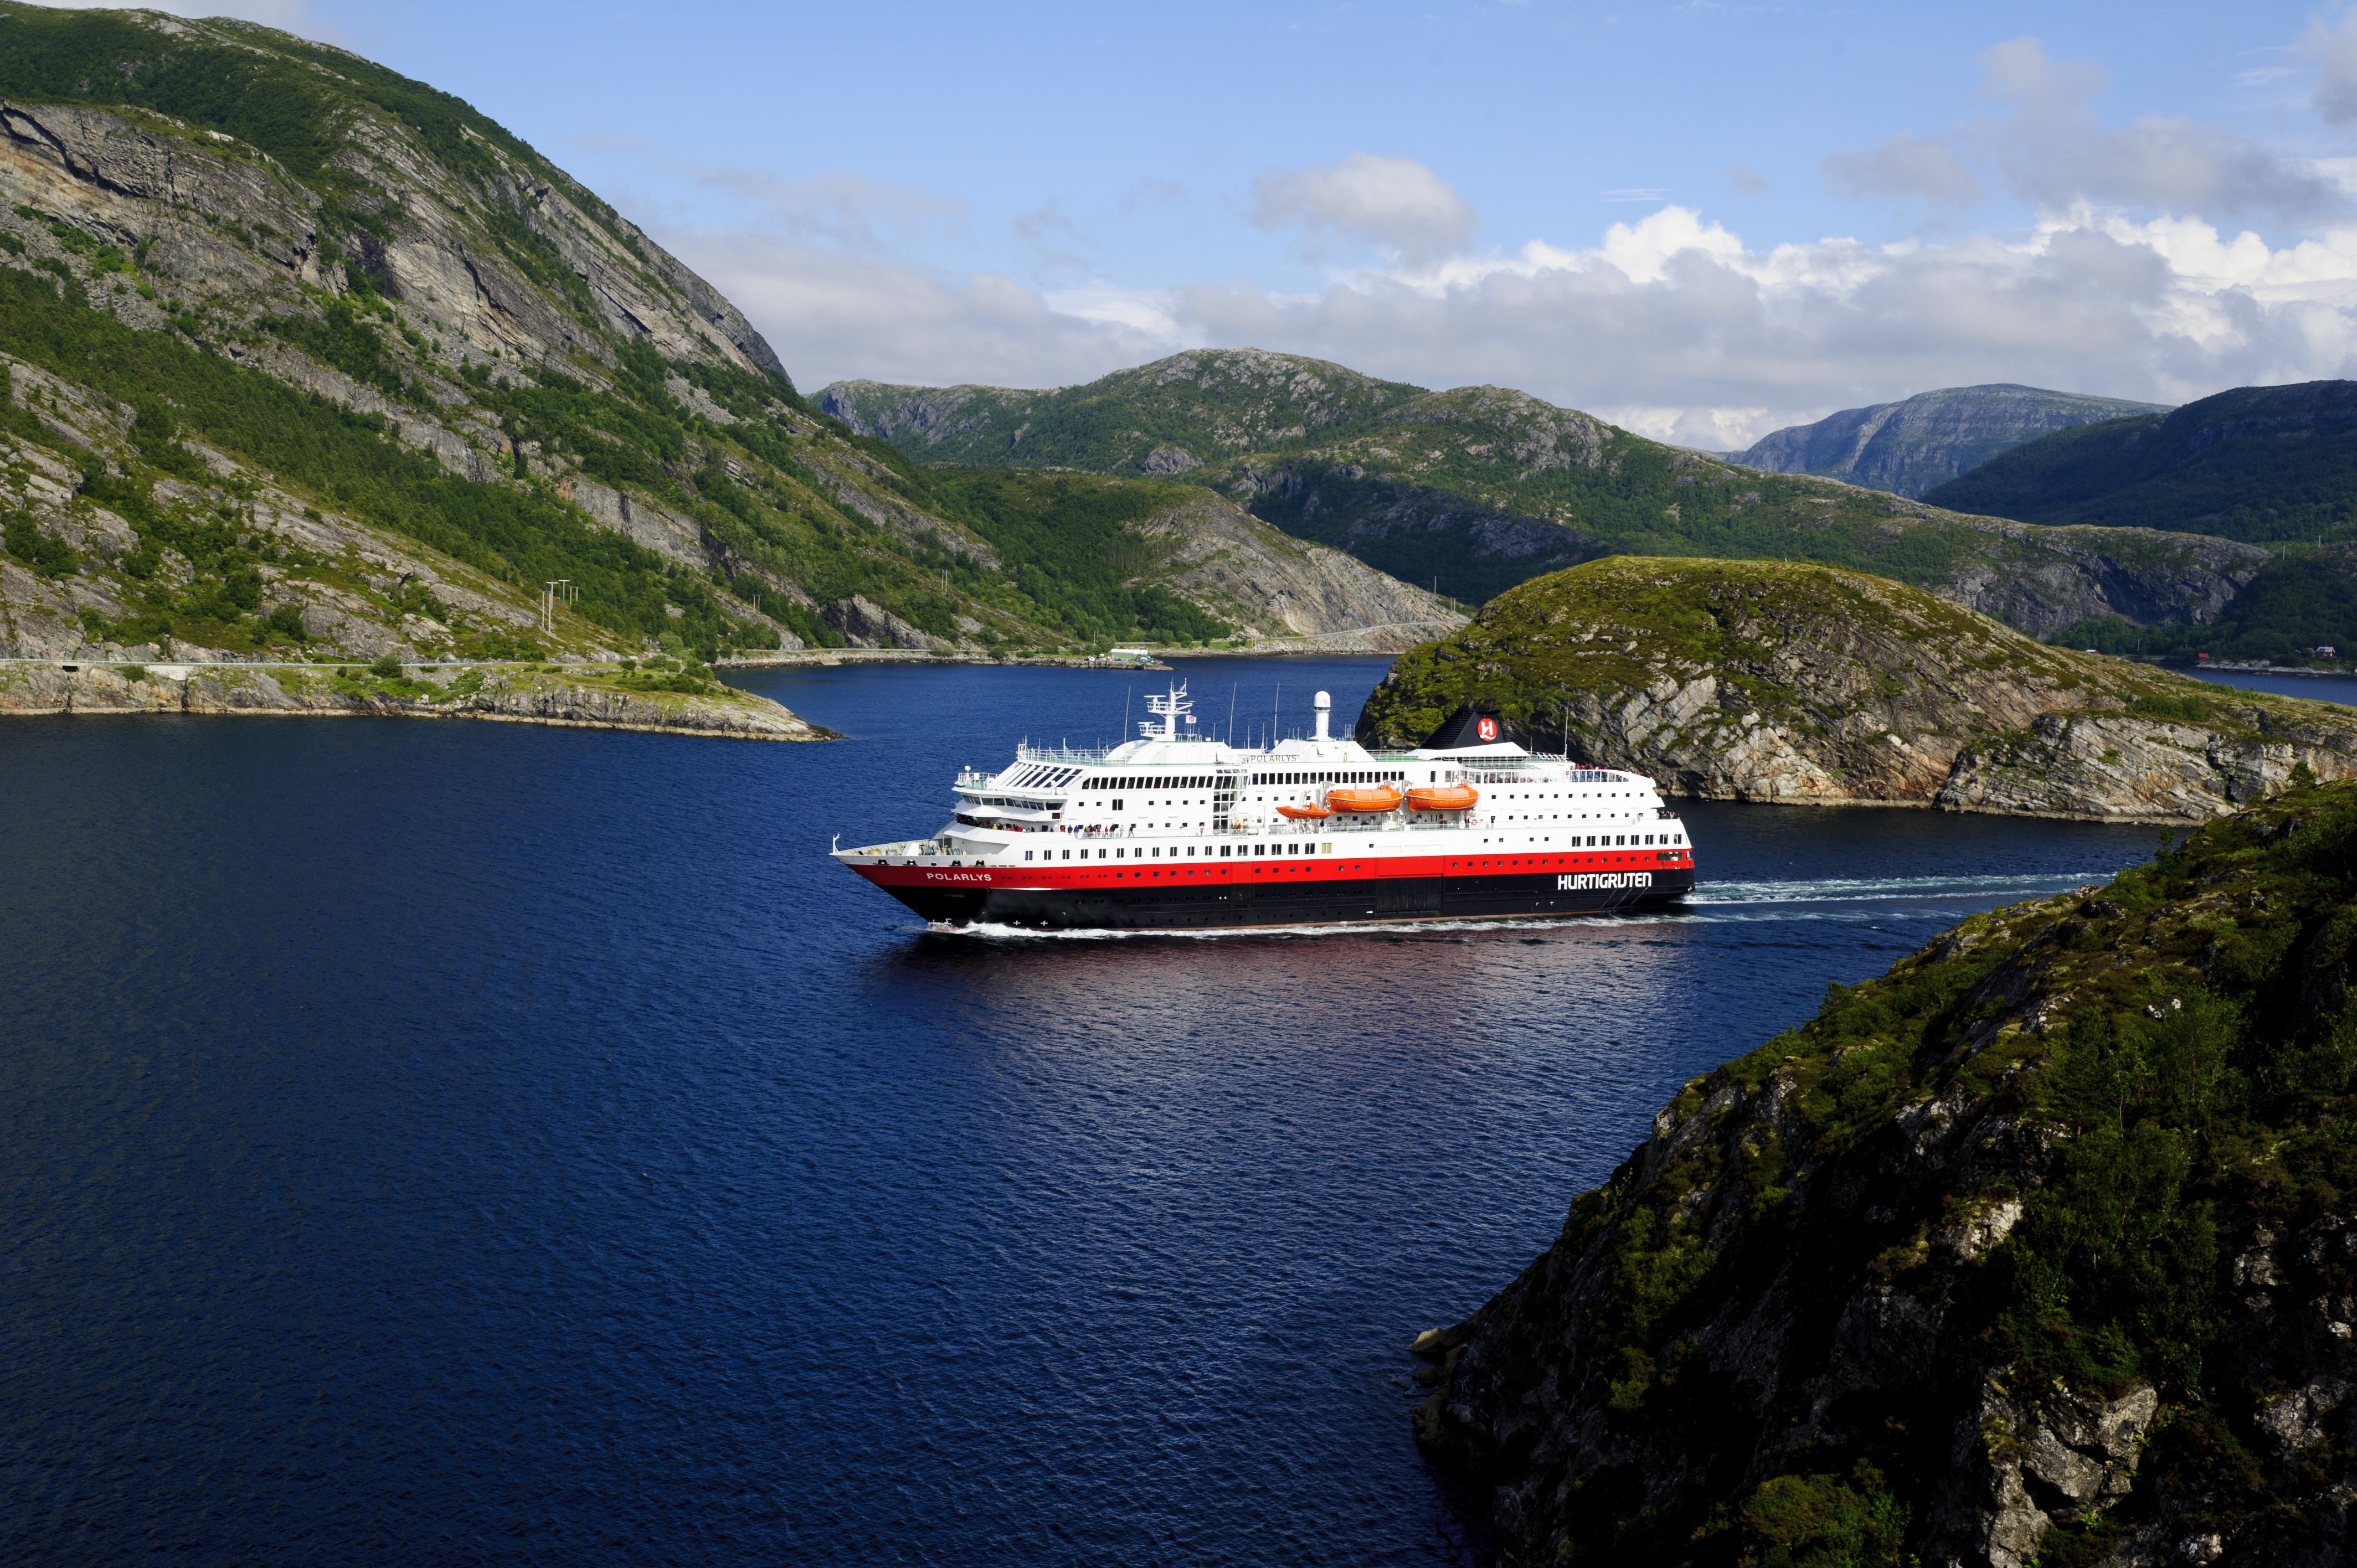 Karte Norwegen Hurtigruten.Hurtigruten Norwegen Mit Dem Postschiff